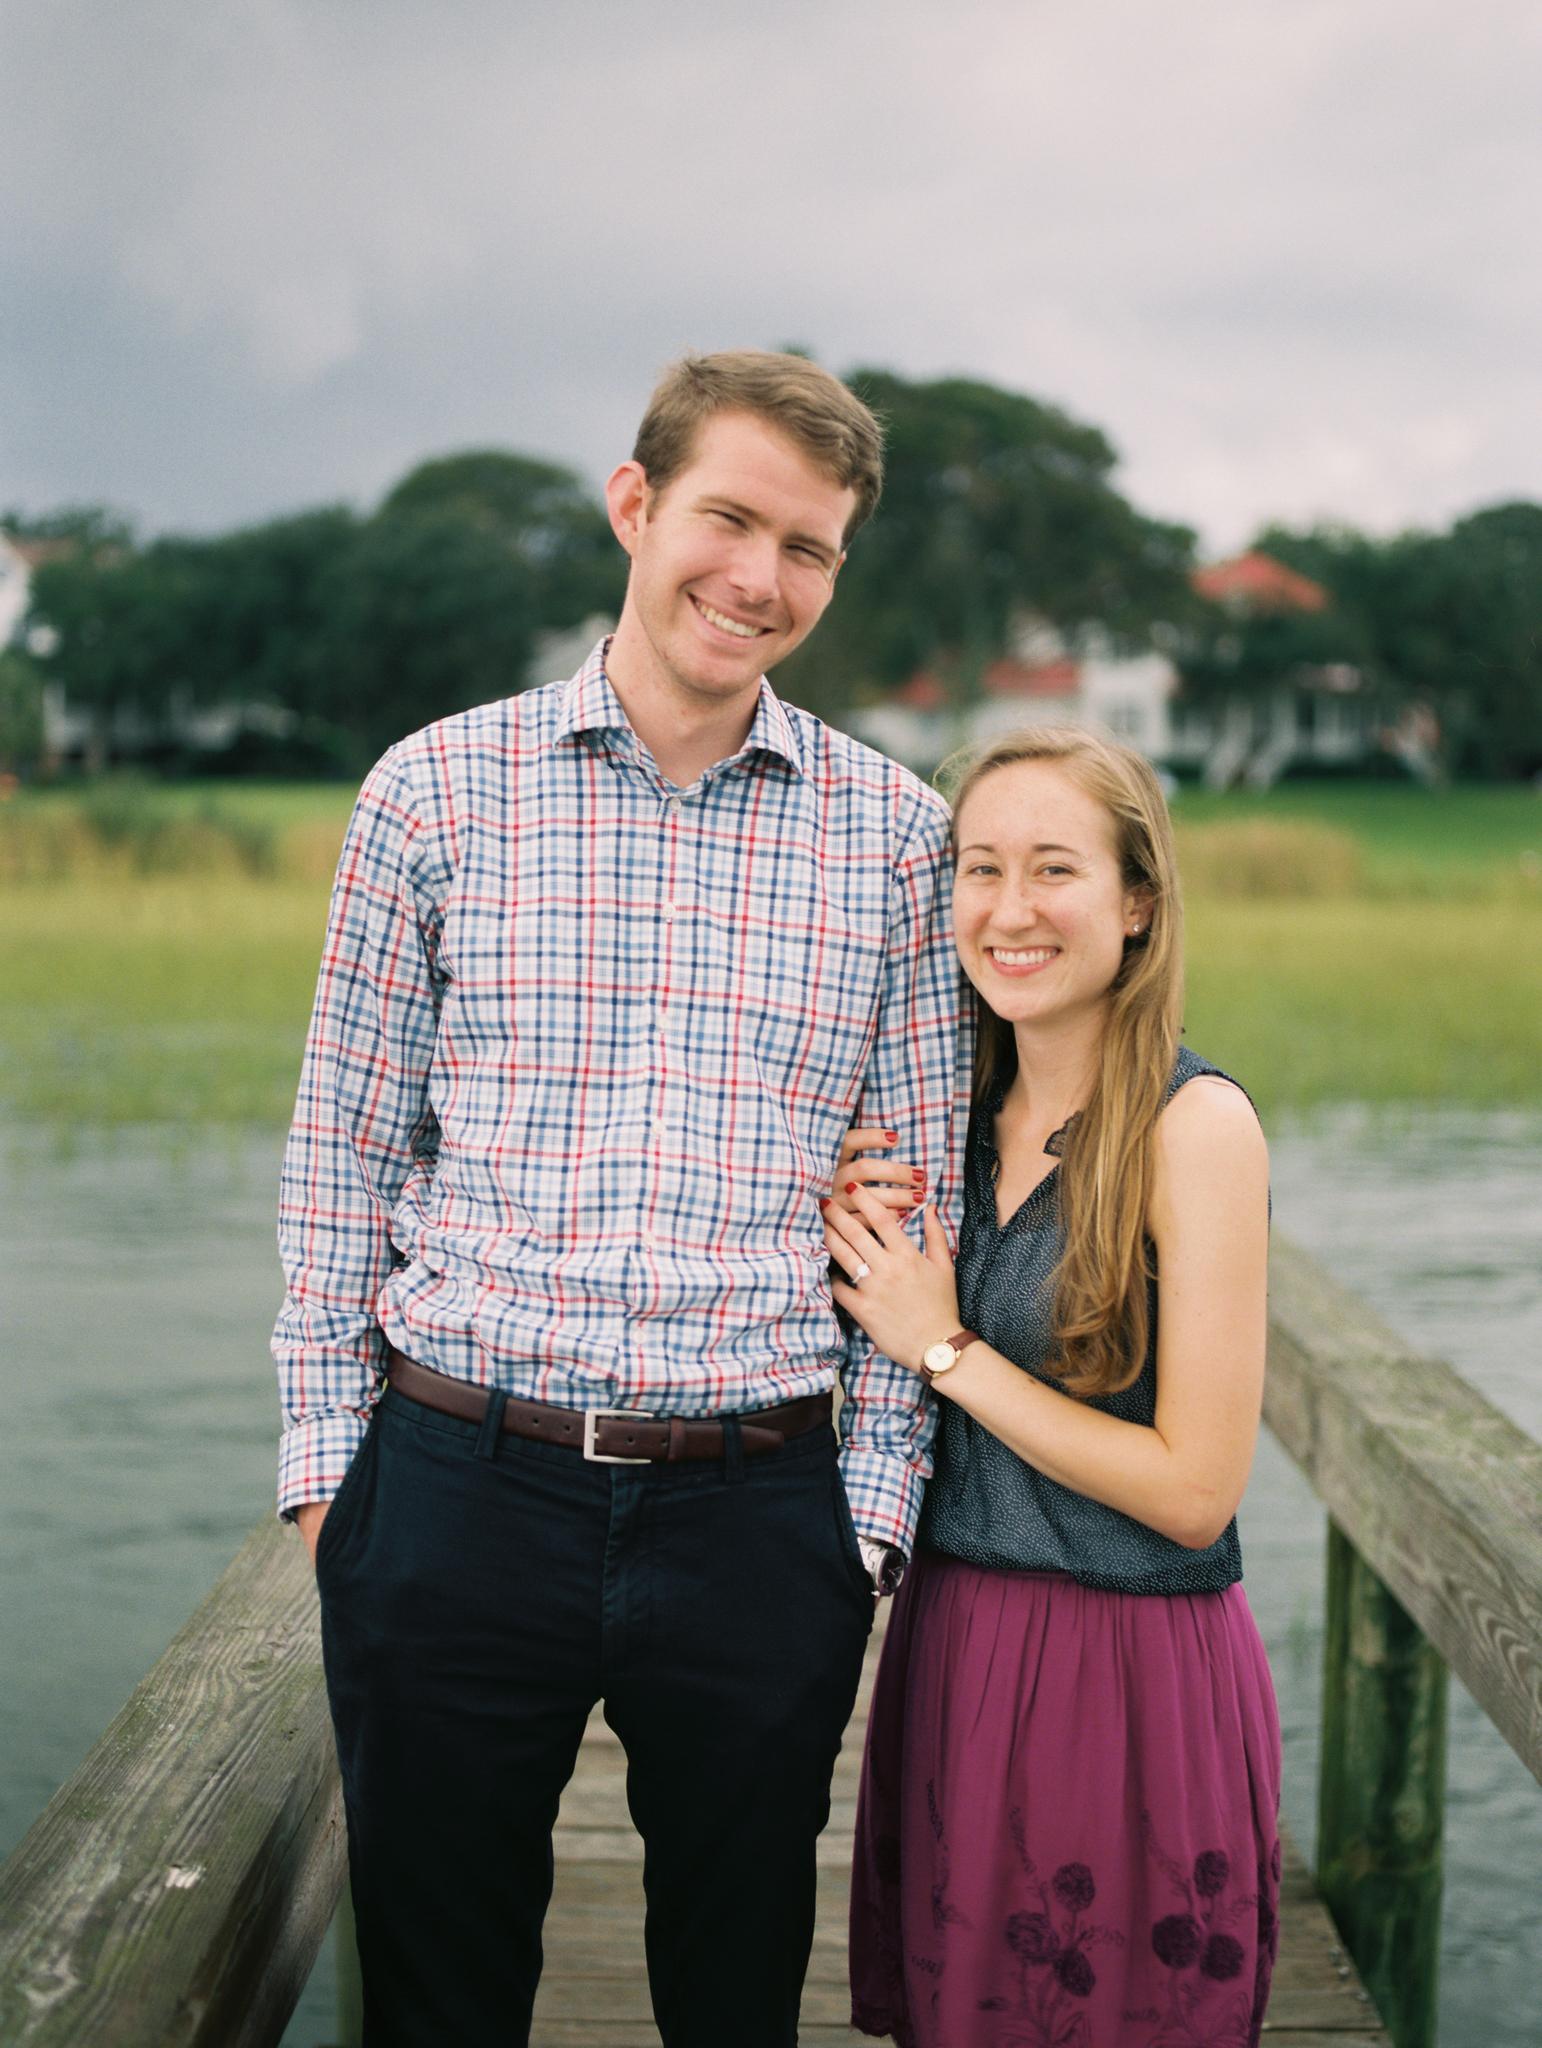 Greg-Allison-Charleston-Wedding-Photographer-Christina-Pugh-66.jpg